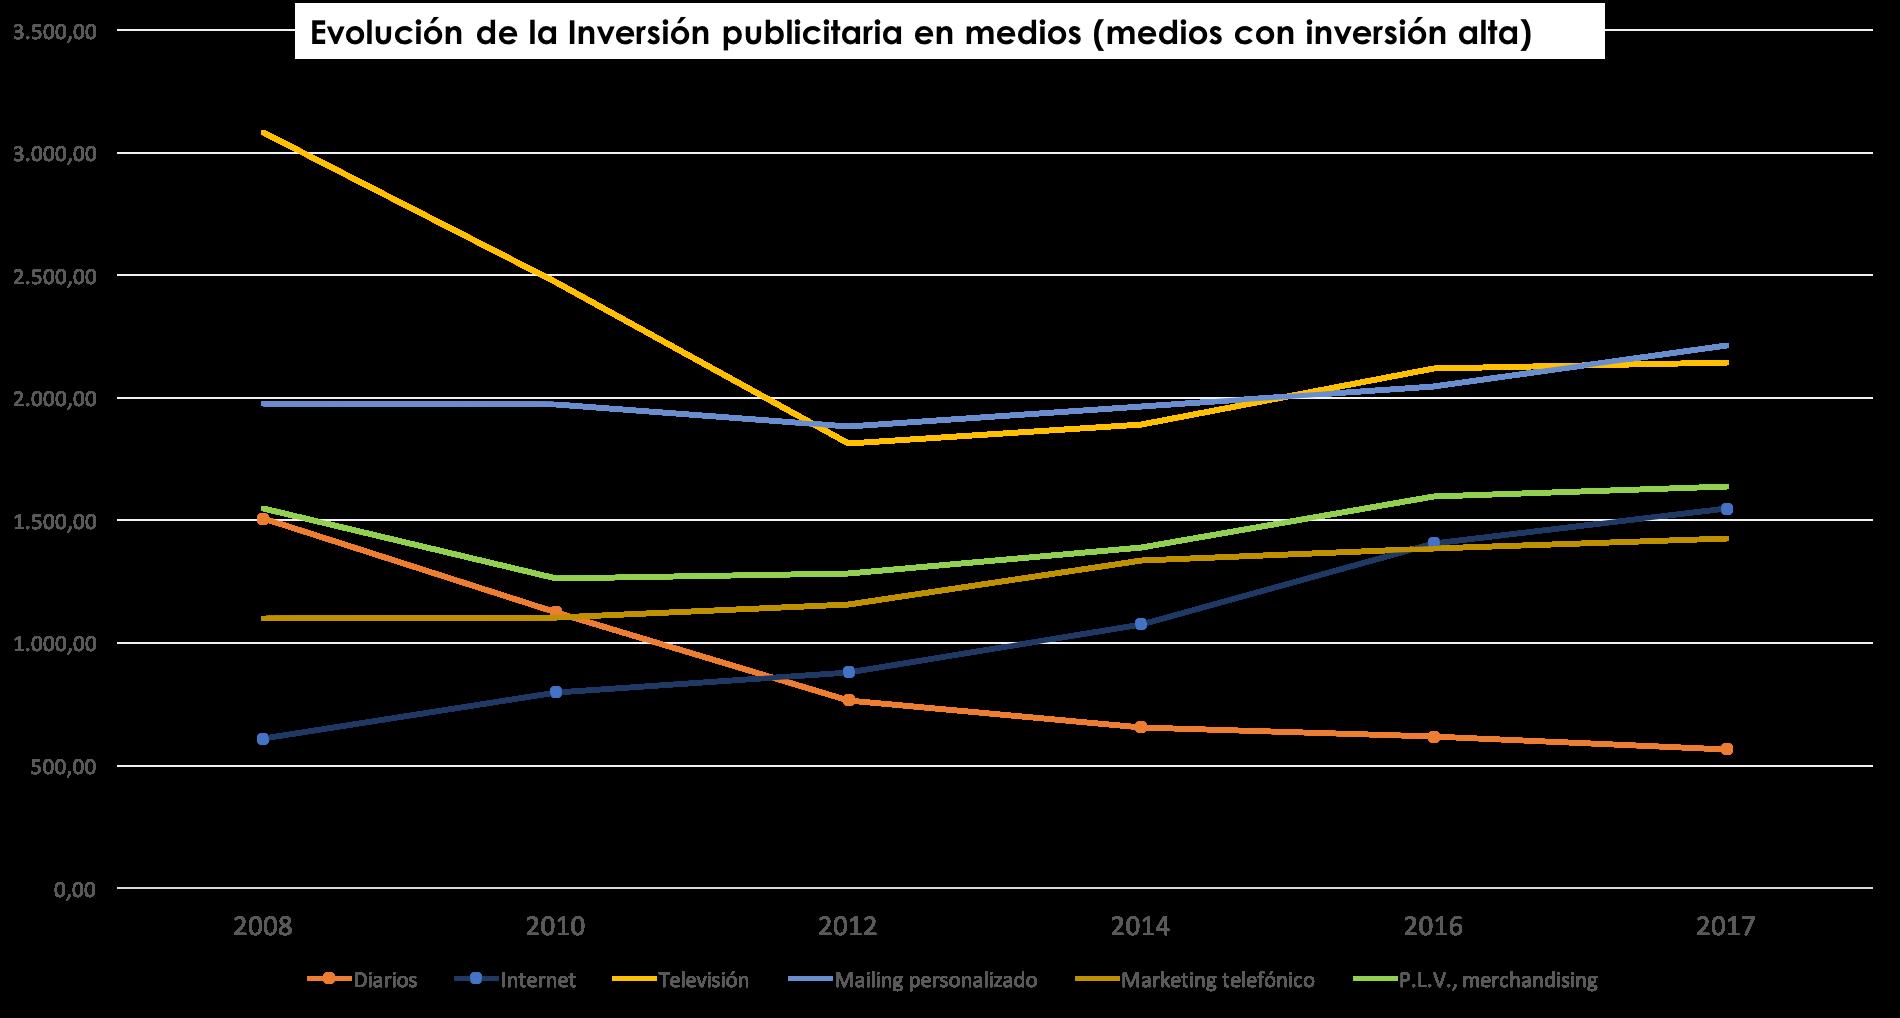 Inversión publicitaria alta en medios